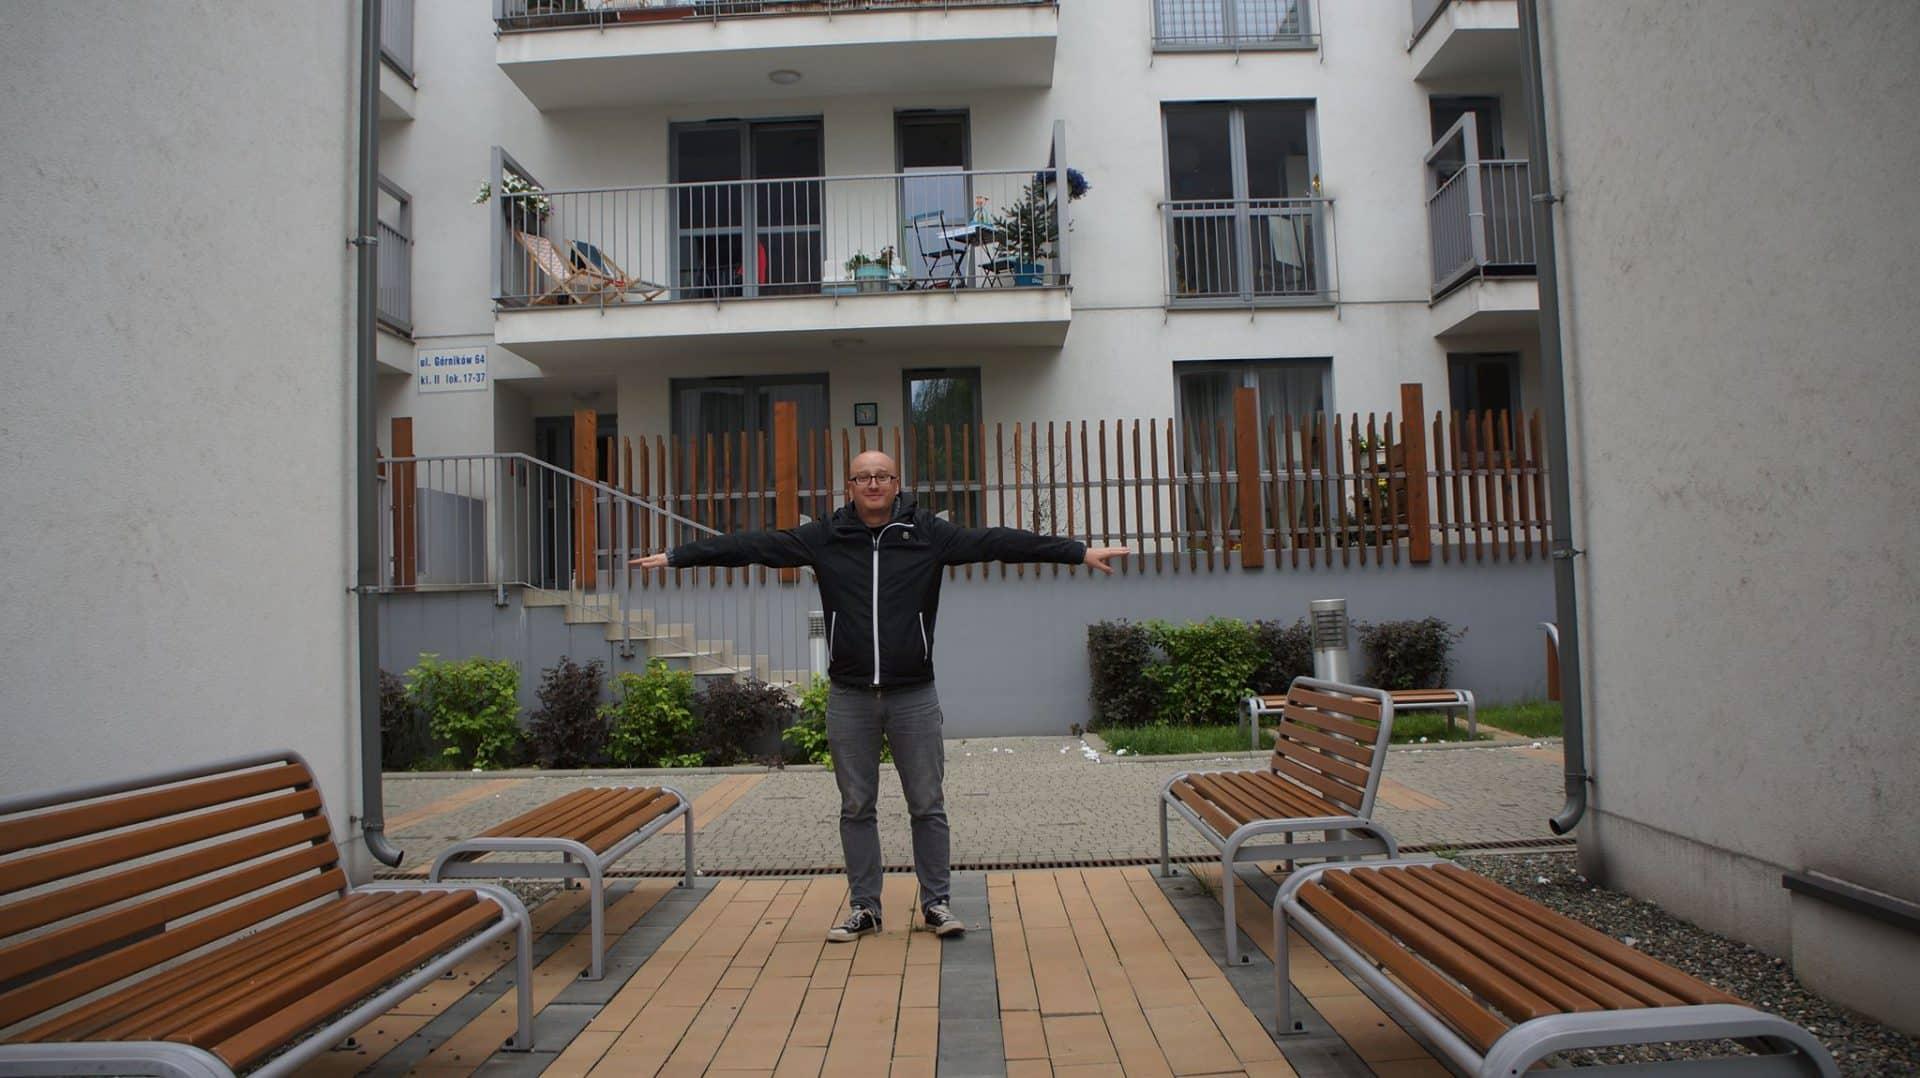 Krowoderska.pl Apartamenty Wielicka Bronowice Mieszkania